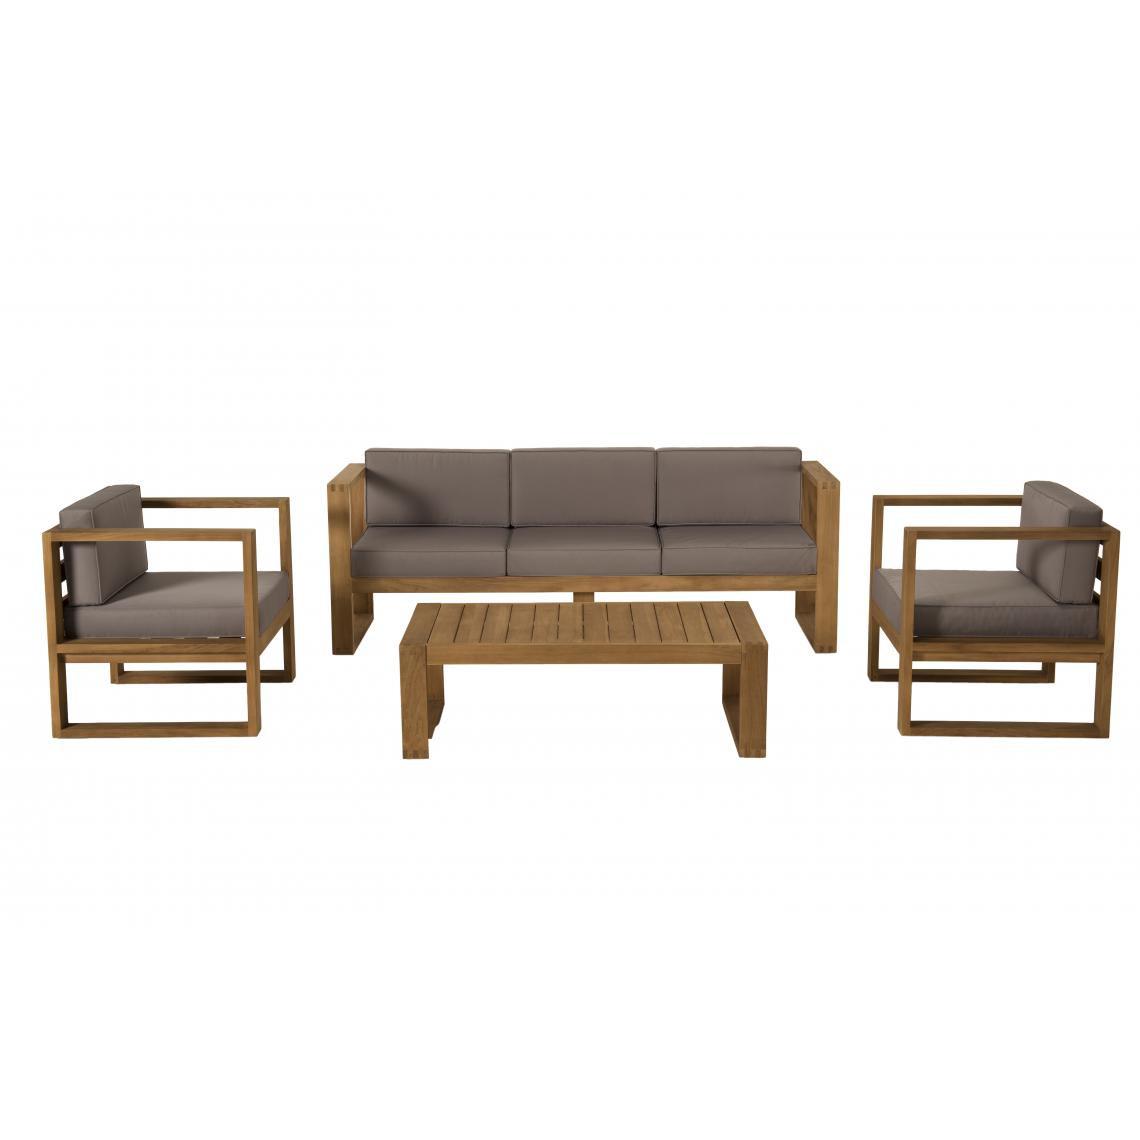 salon de jardin en bois teck 1 canape 3 places 2 fauteuils avec coussins waterproof et une table basse 110x60cm